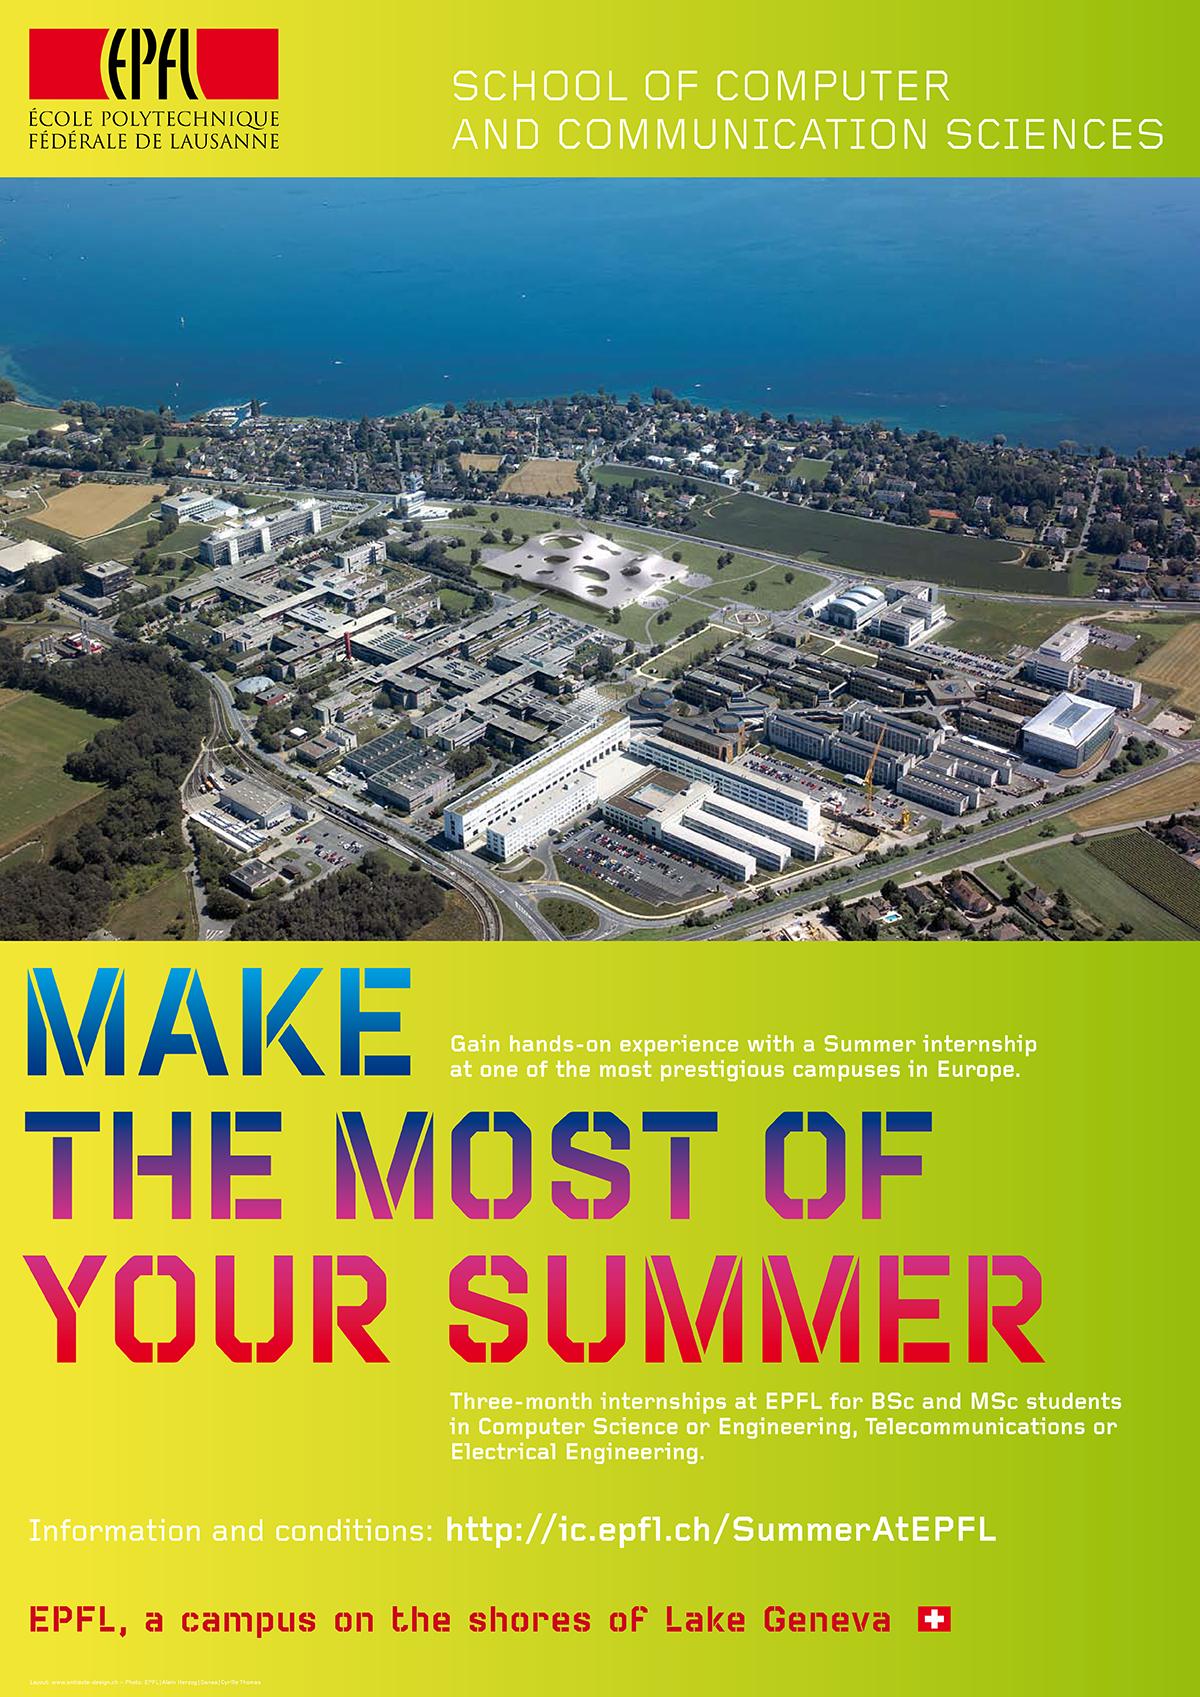 Summer@EPFL